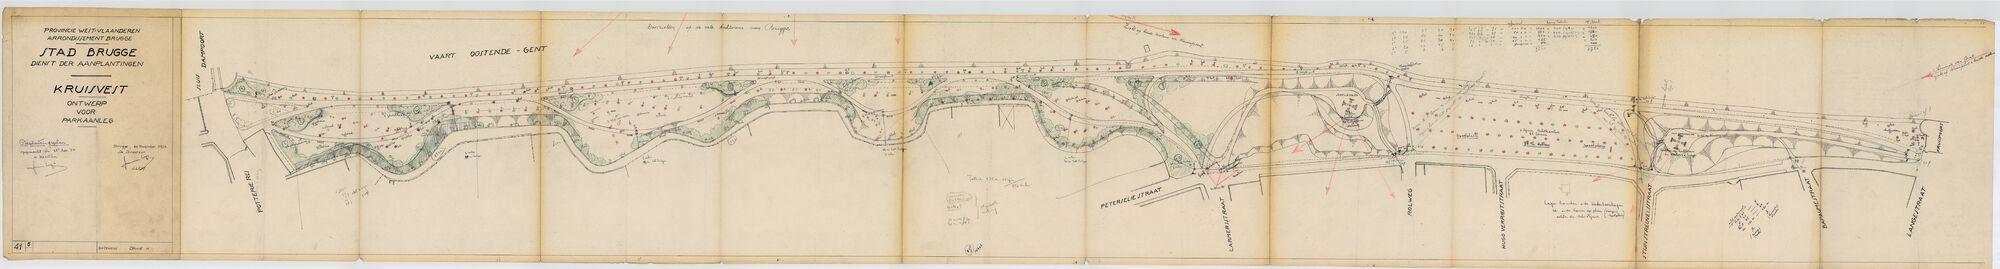 1954 Kruisvest - Ontwerp Parkaanleg - Beplantingsplan.tif